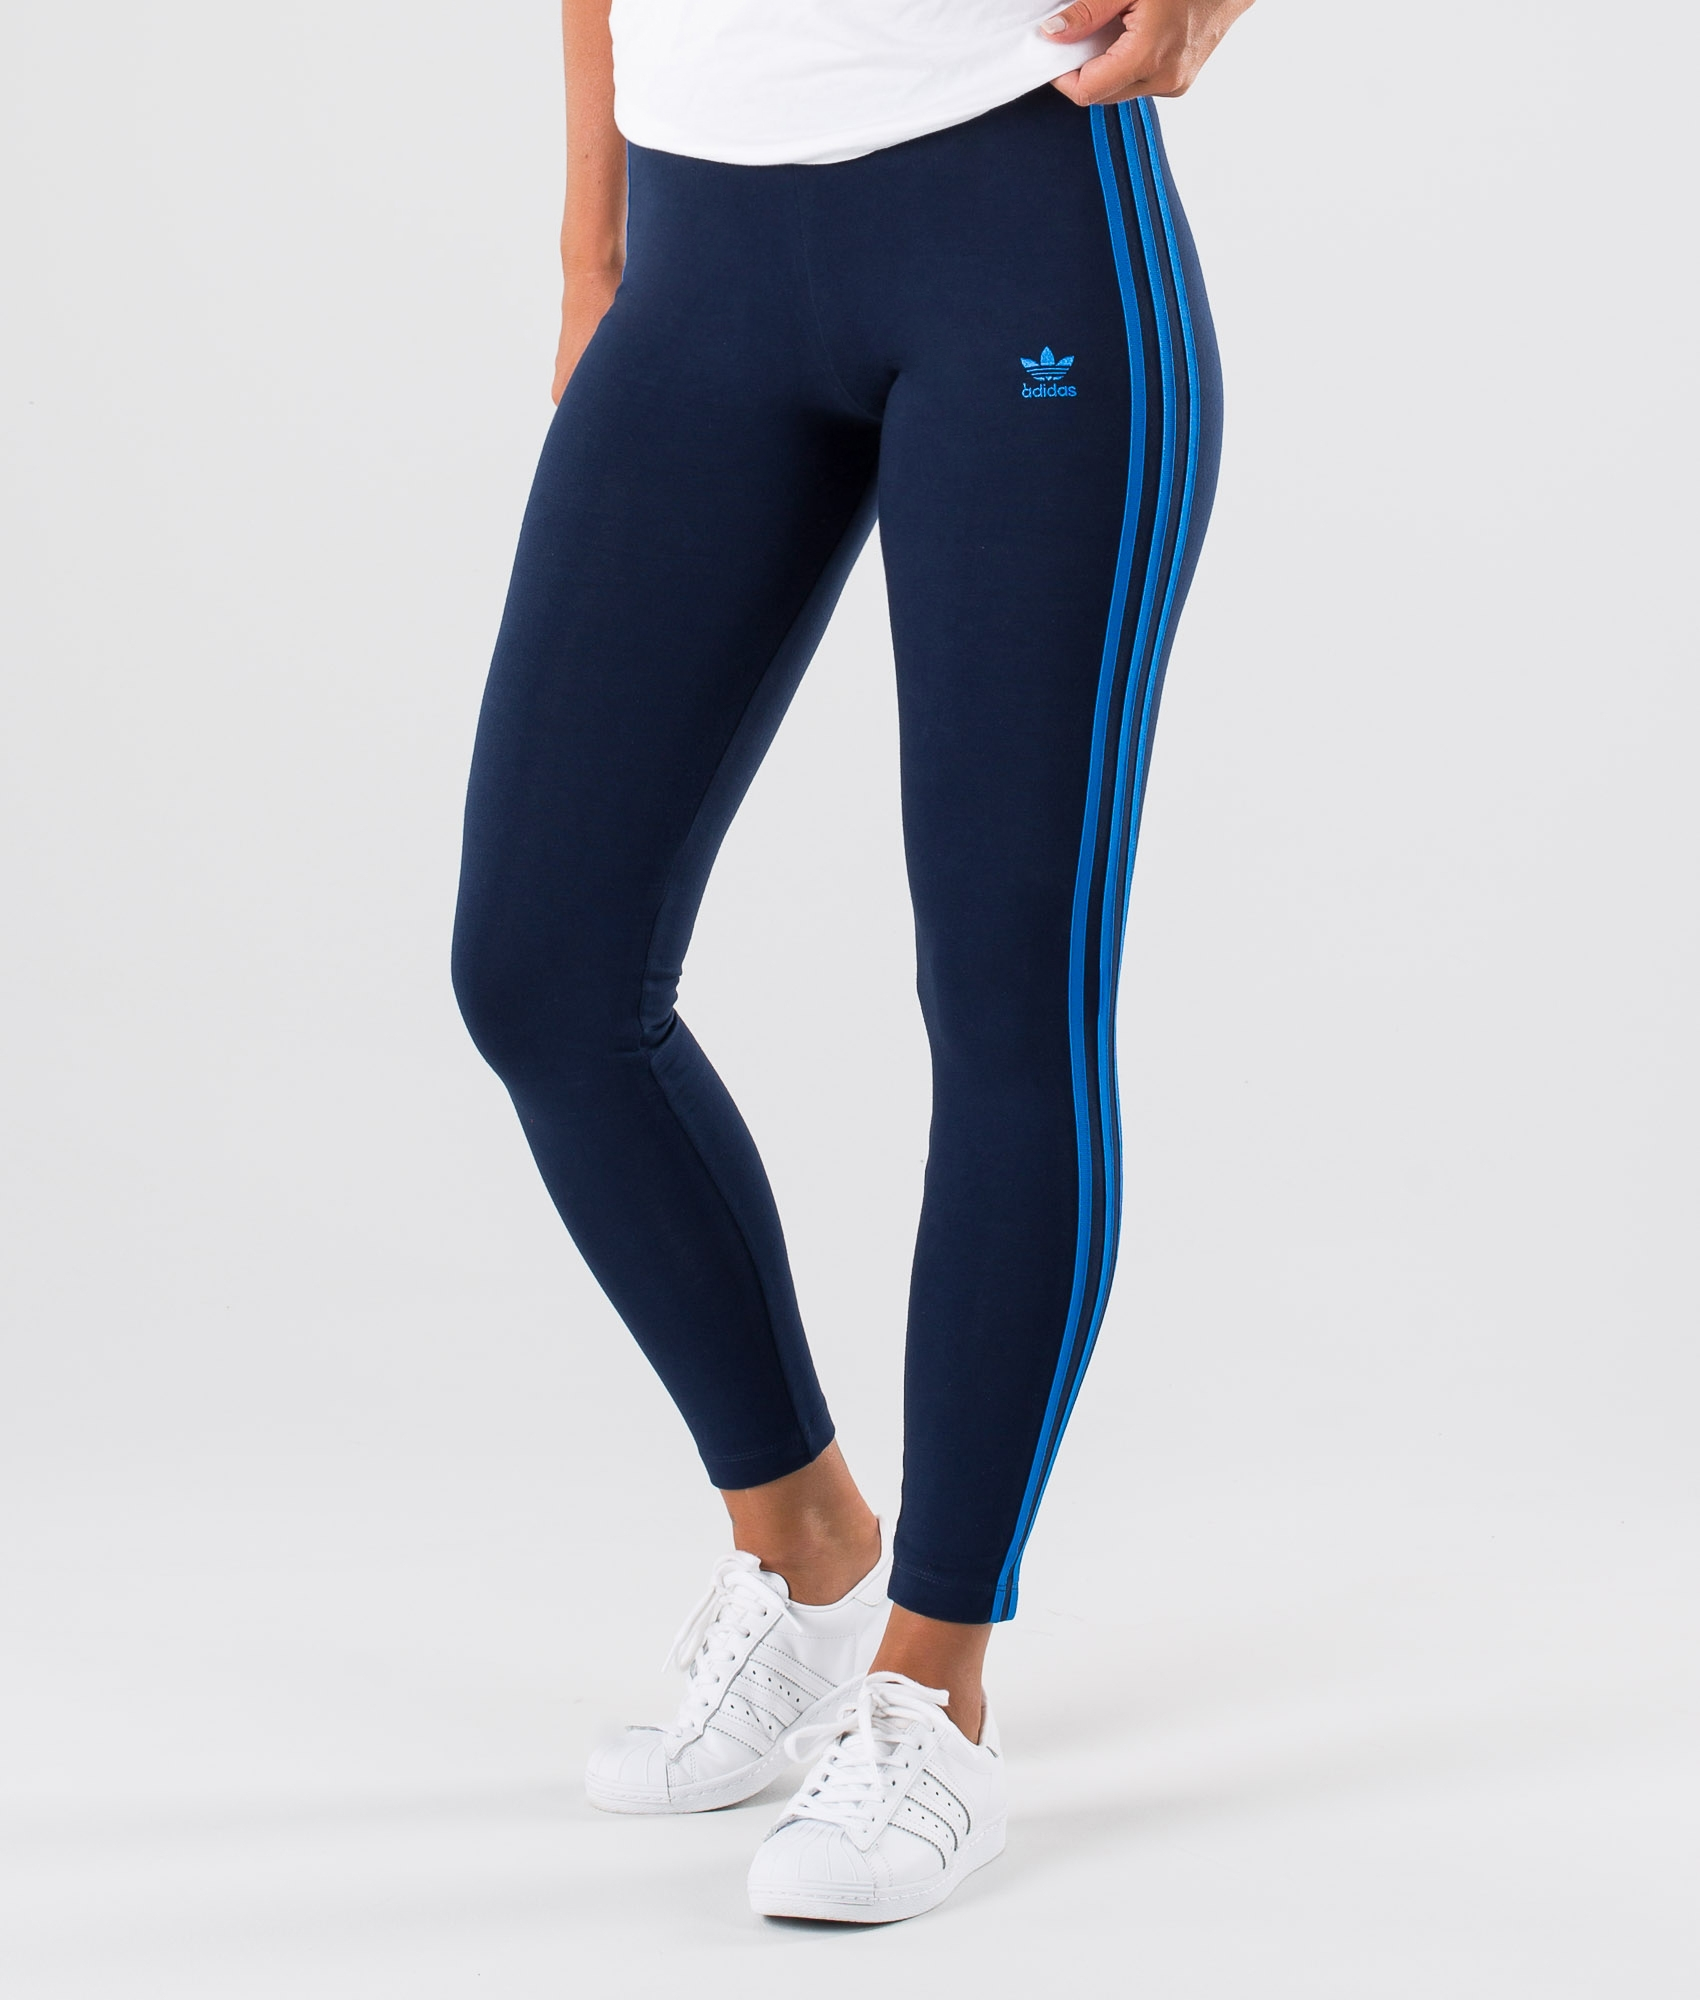 Adidas Originals 3-Stripes Leggings